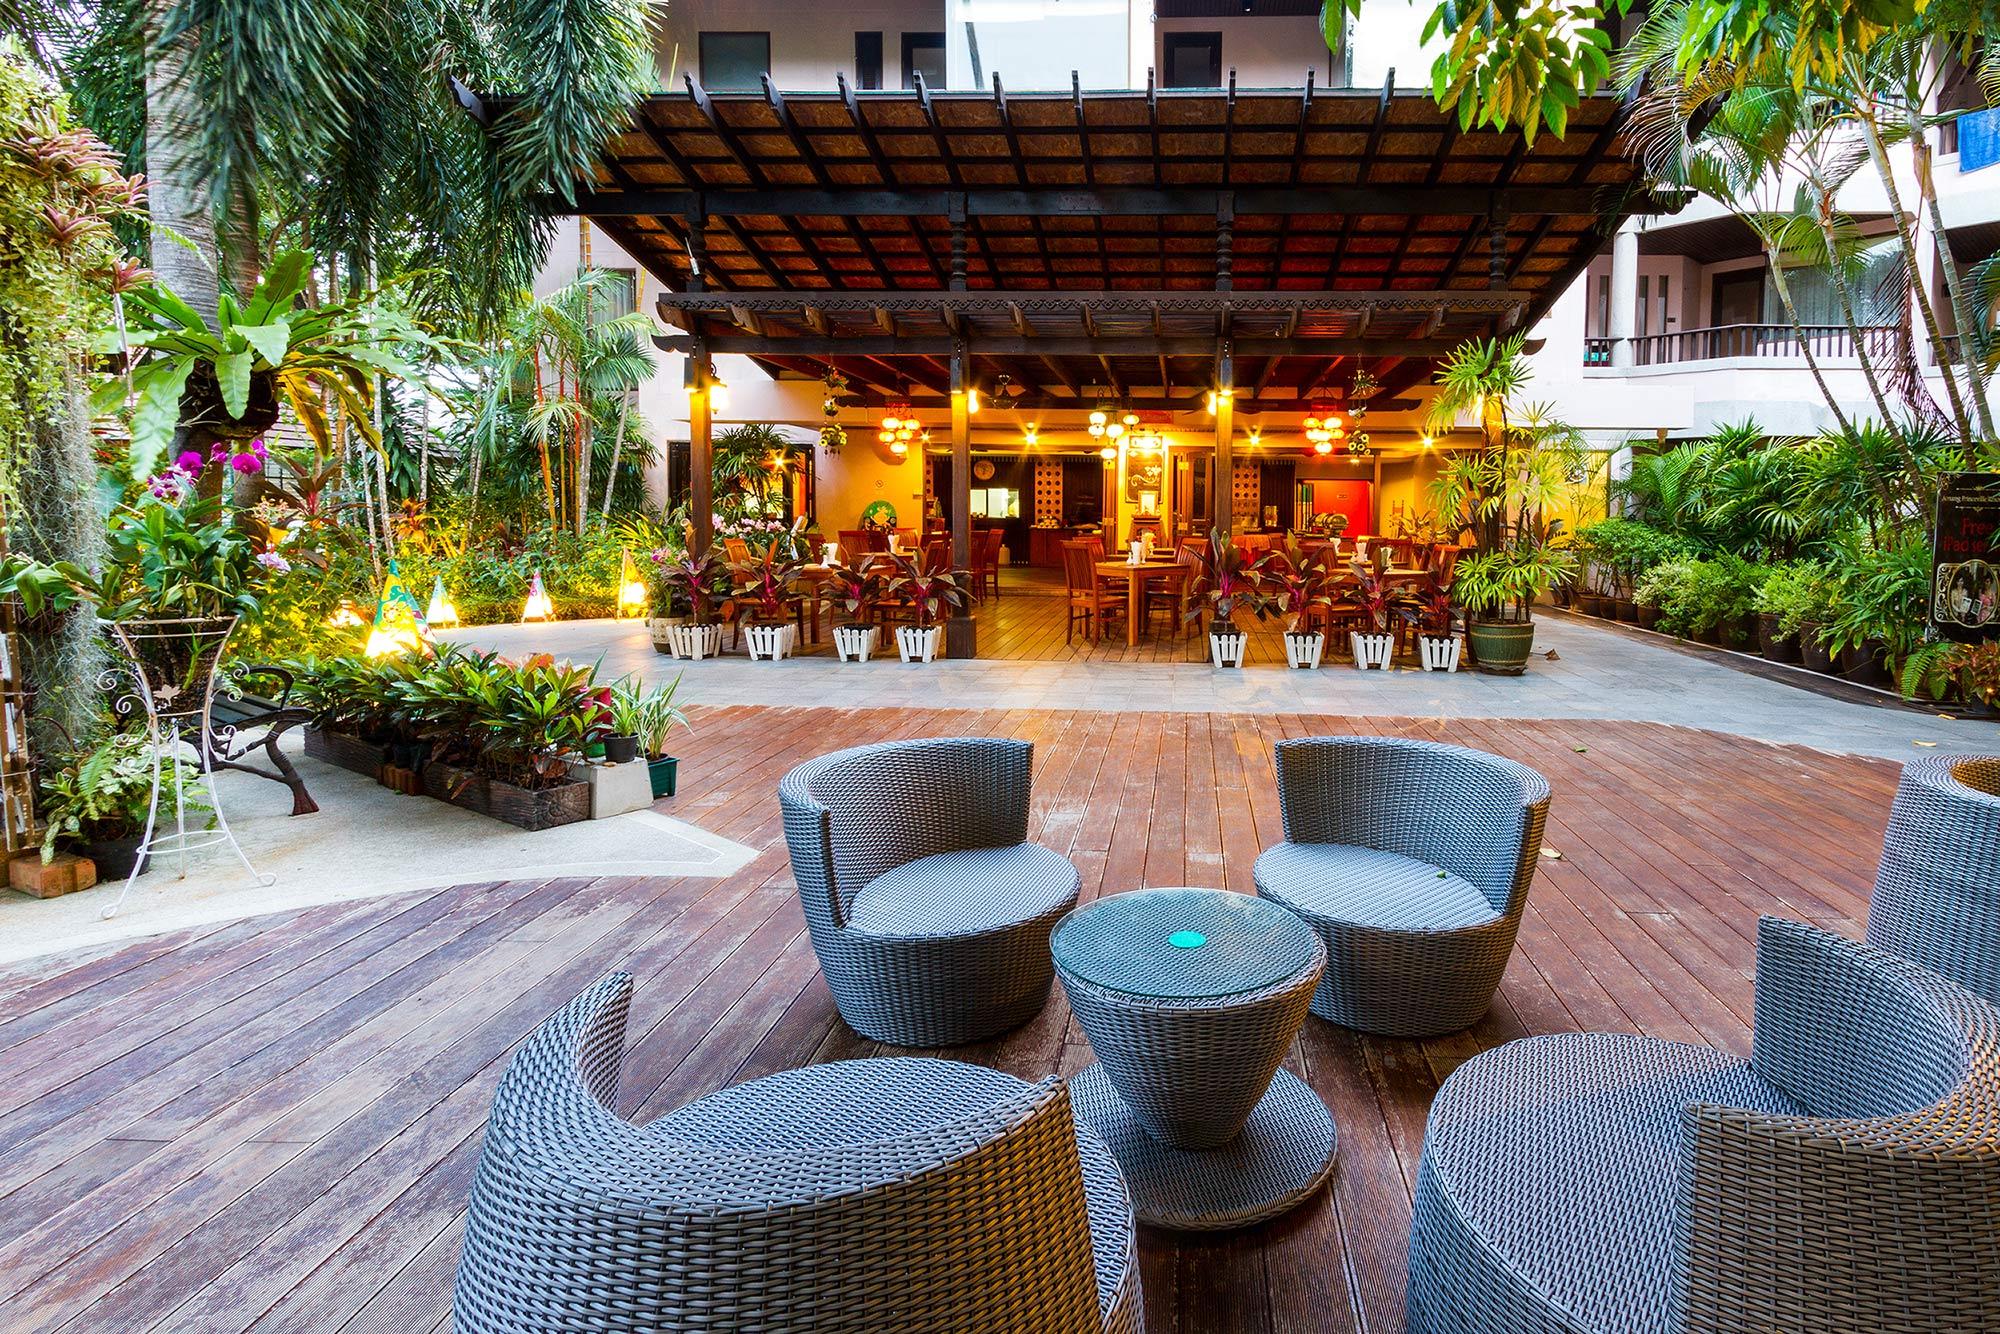 อ่าวนางปริ้นซ์วิลล รีสอร์ทแอนด์สปา  อ่าวนาง ปริ๊นซ์วิลล์ รีสอร์ท แอนด์ สปา Aonang Princeville Resort IMG 0296